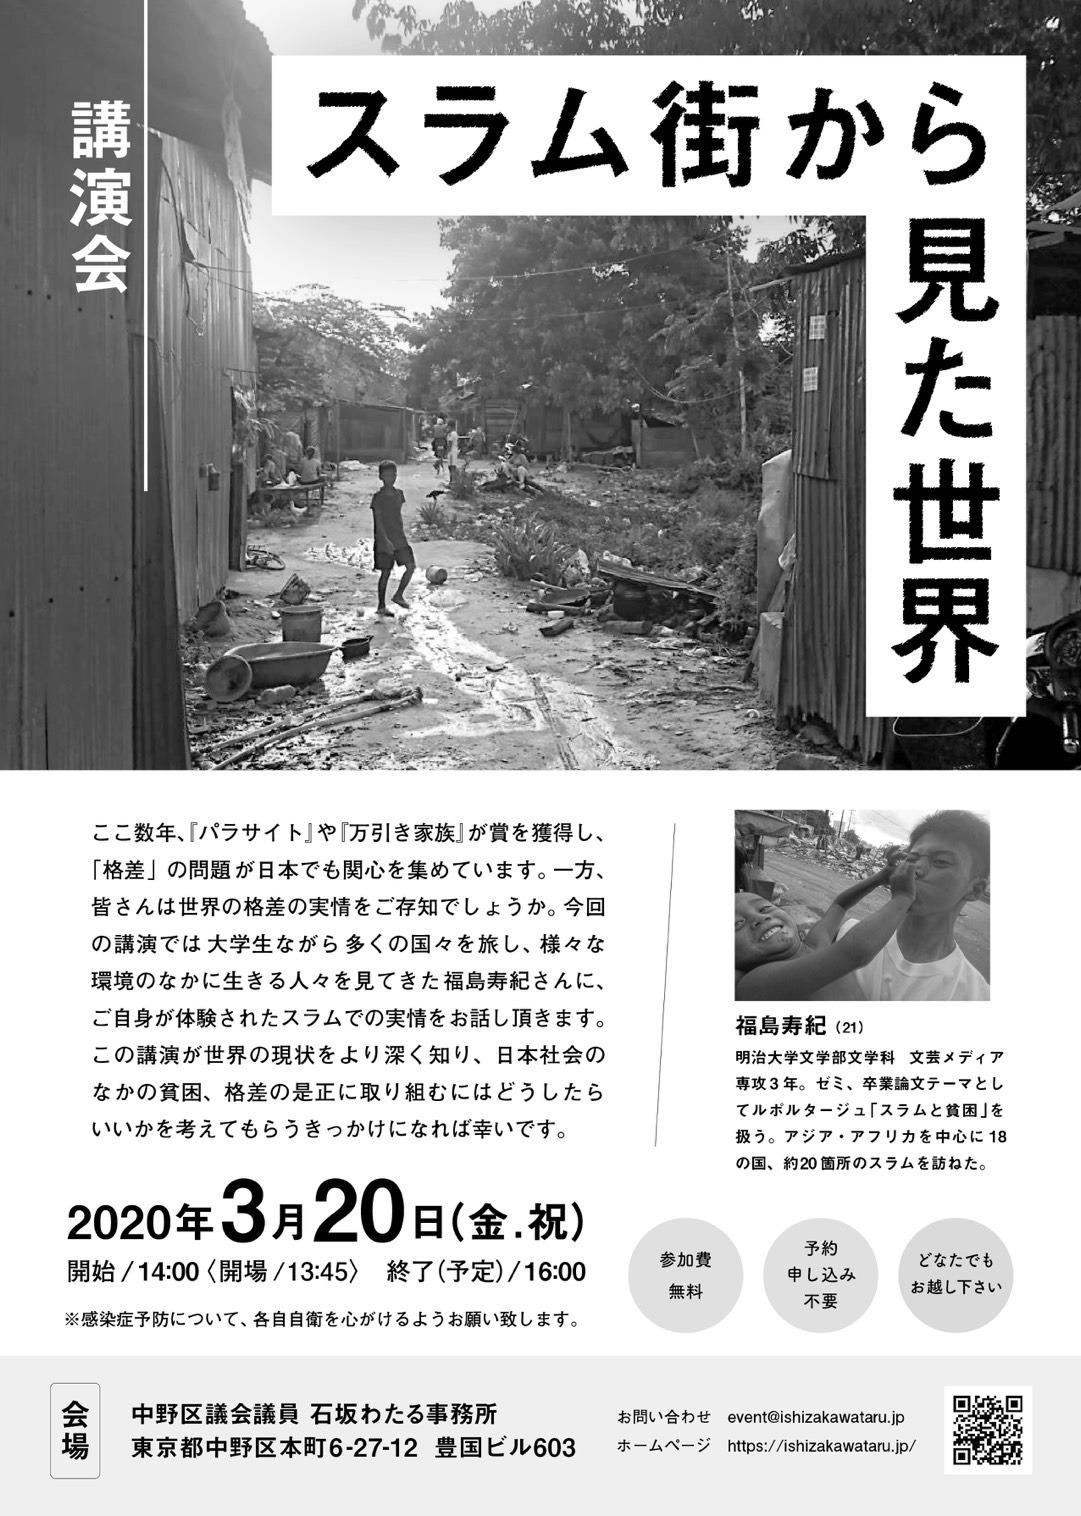 【学習会開催のお知らせ】 『スラム街から見た世界』_f0121982_18422822.jpg